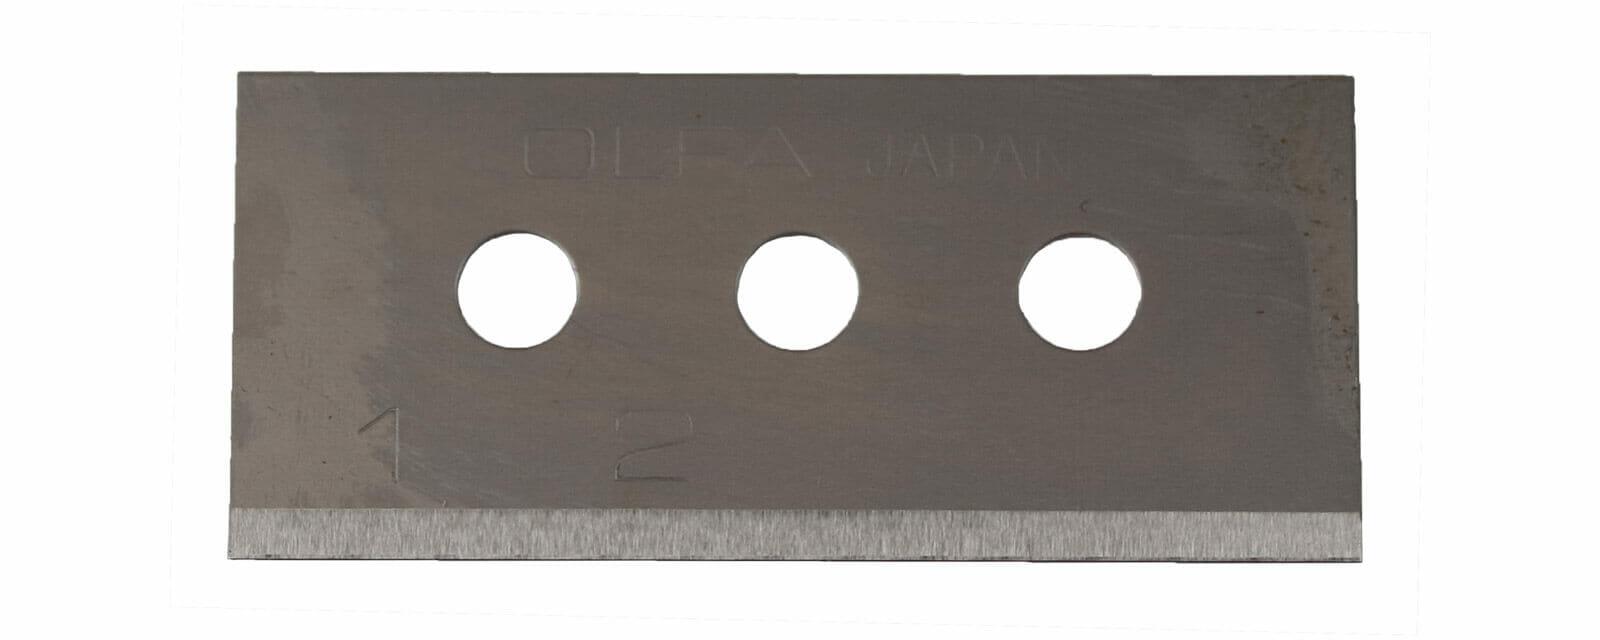 K082-Cuttermesser-Klinge-Rechteck-Ersatzklinge-für-Folienschneider-H041-OLFA-SK10-CURT-tools